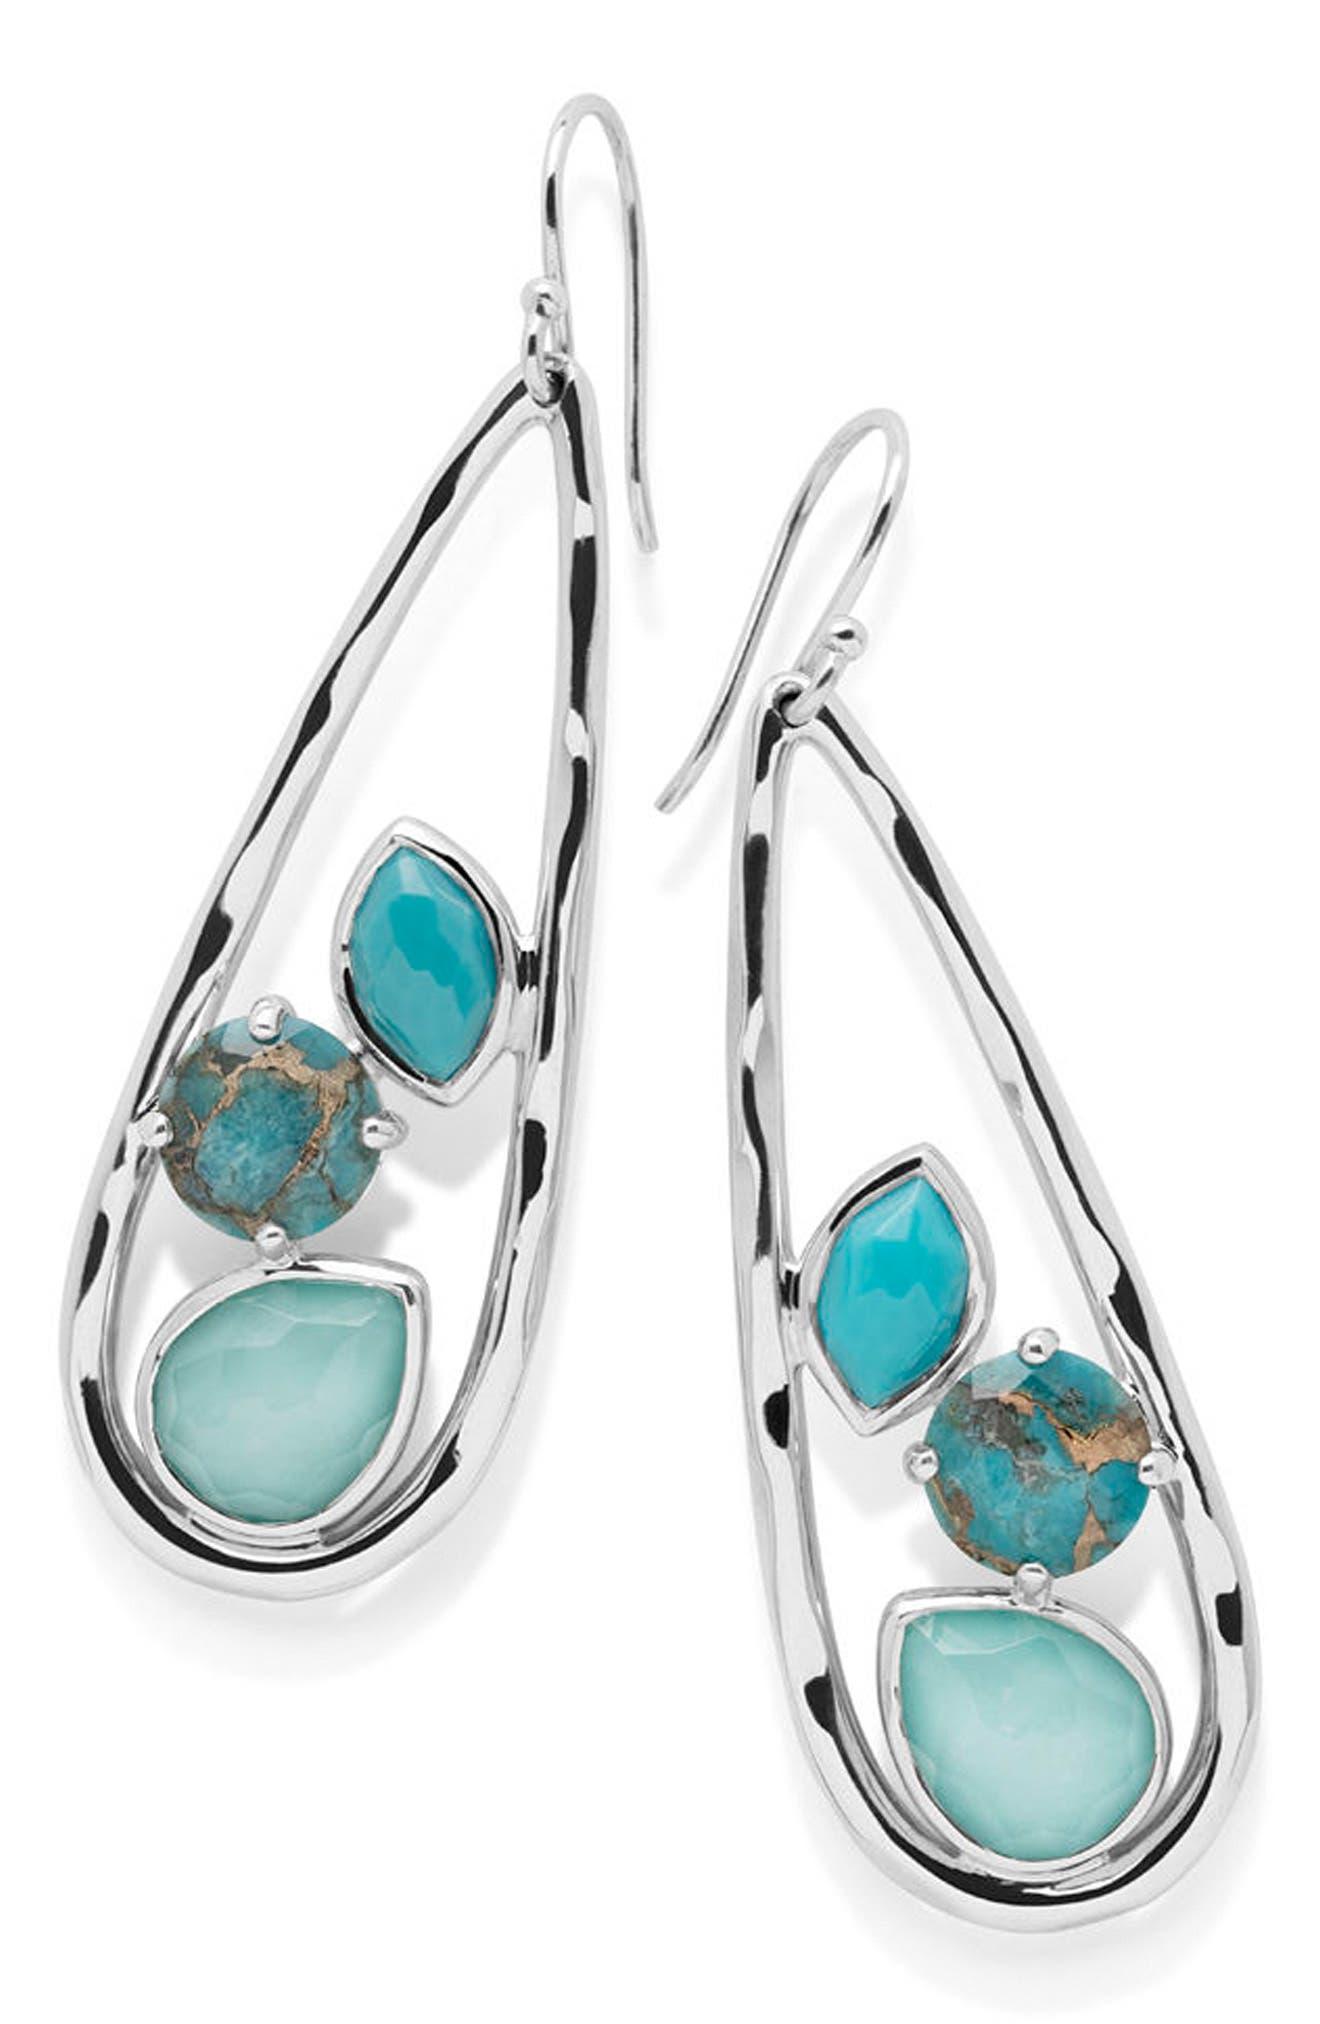 Main Image - Ippolita Rock Candy Teardrop Earrings